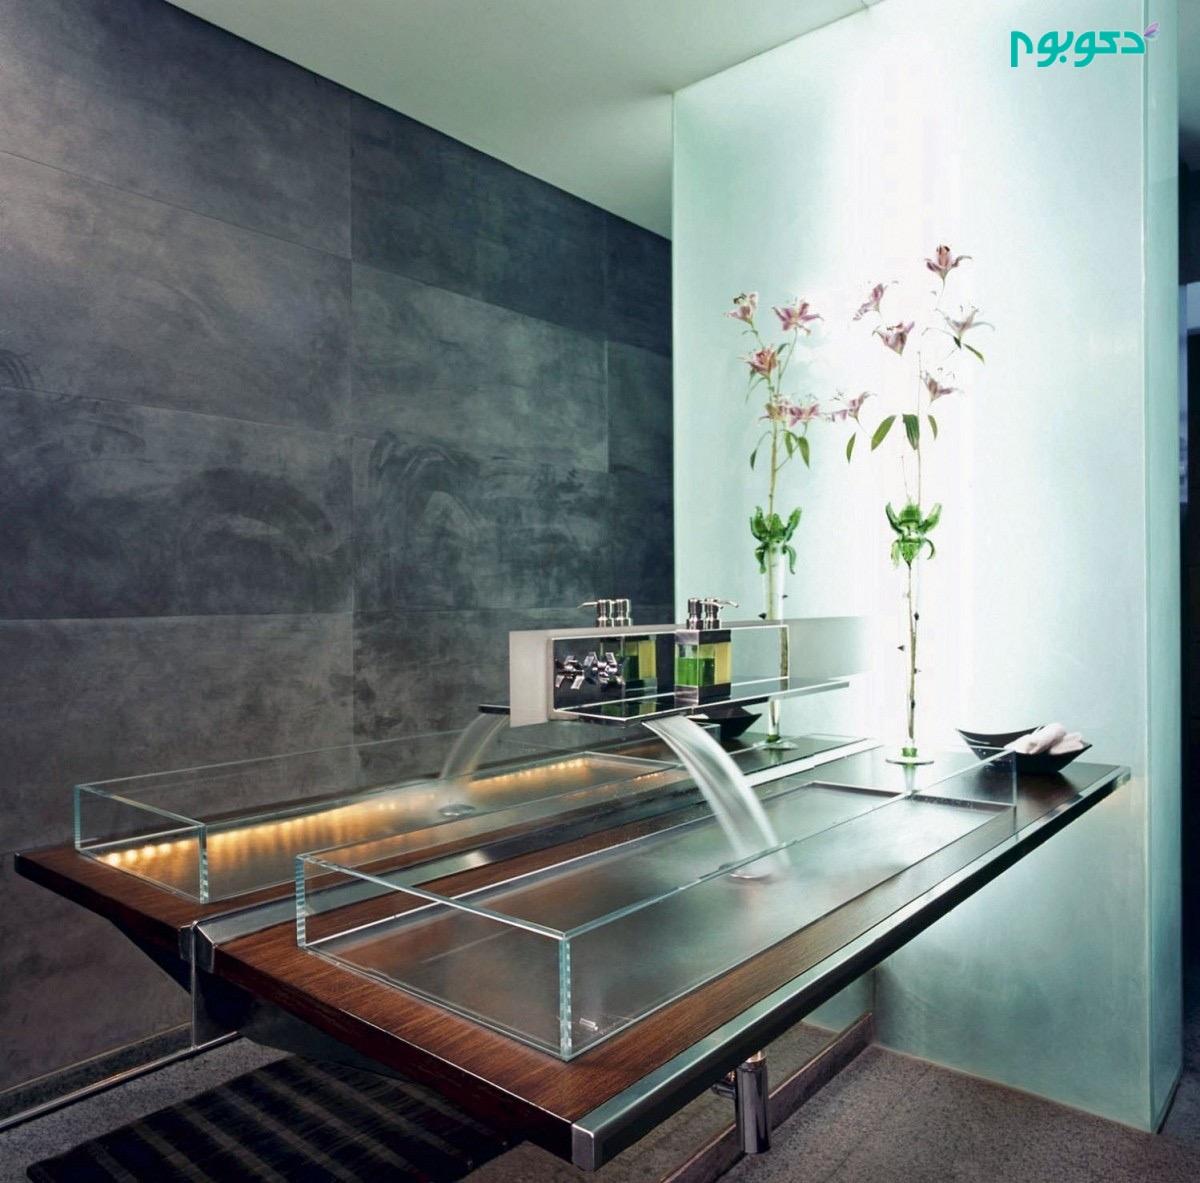 ۴۰ ایده شگفت انگیزو مدرن برای دکوراسیون داخلی حمام